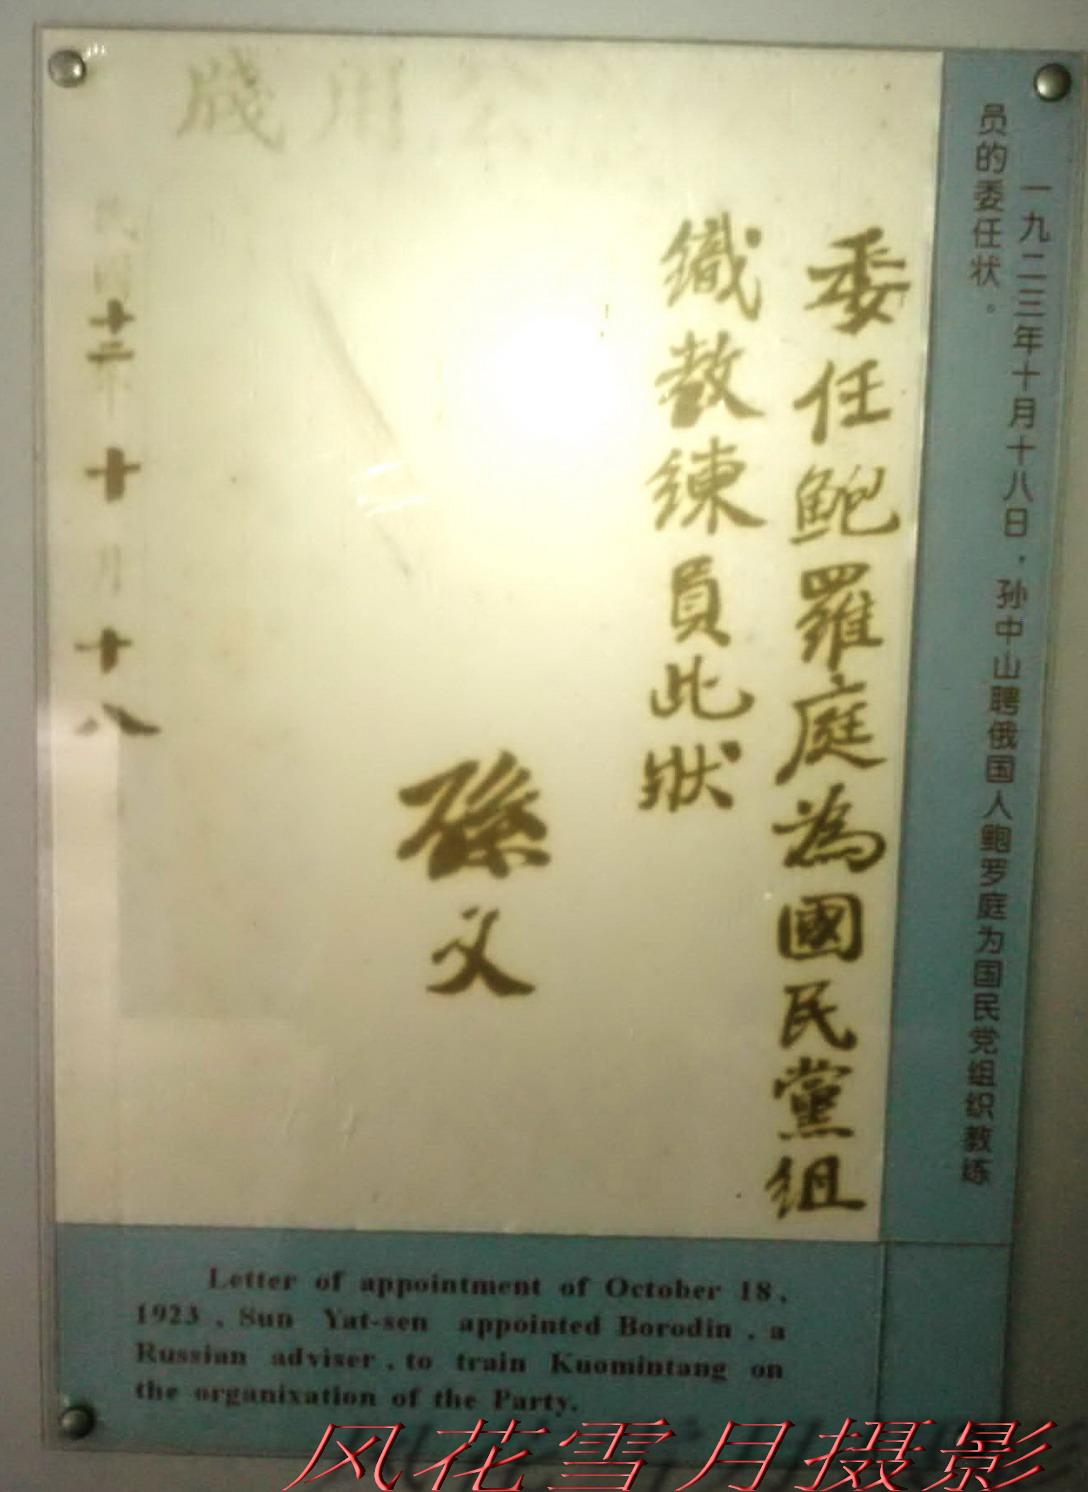 世界伟大总统_[原创]国父纪念堂缅怀(游梧州之七) - 风花雪月 - 红豆博客